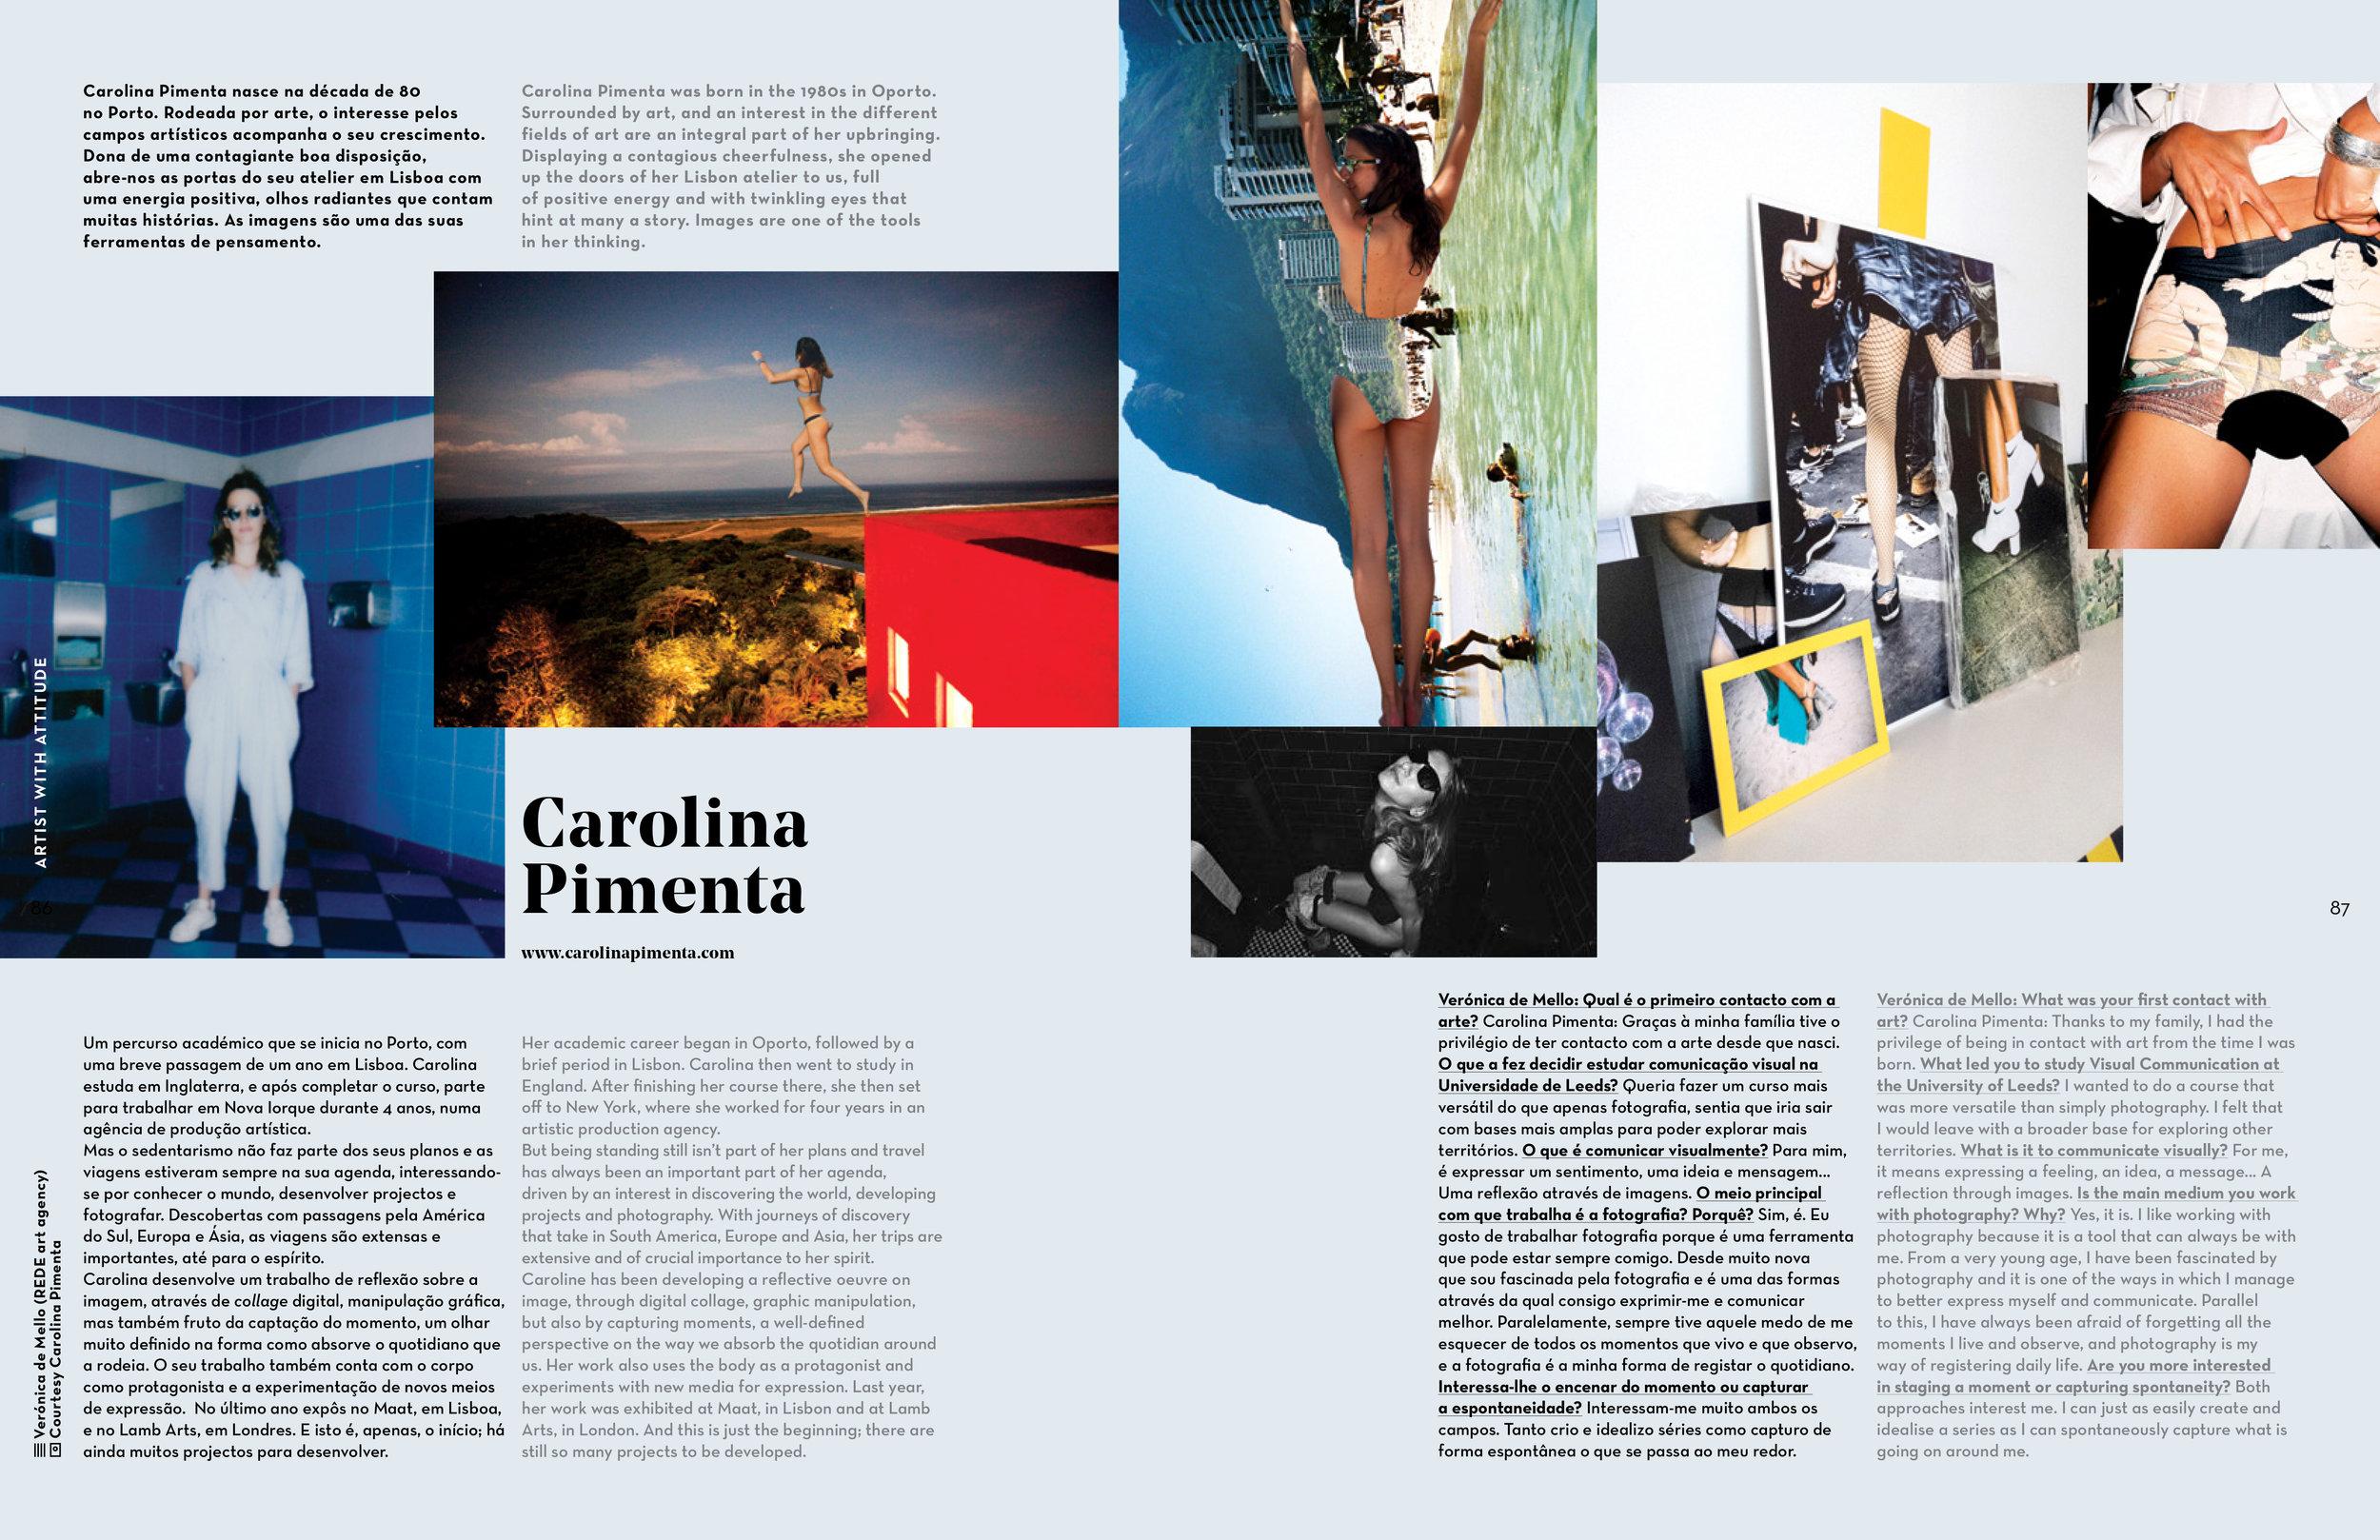 ATT_80-ART+Carolina+Pimenta-2.jpg